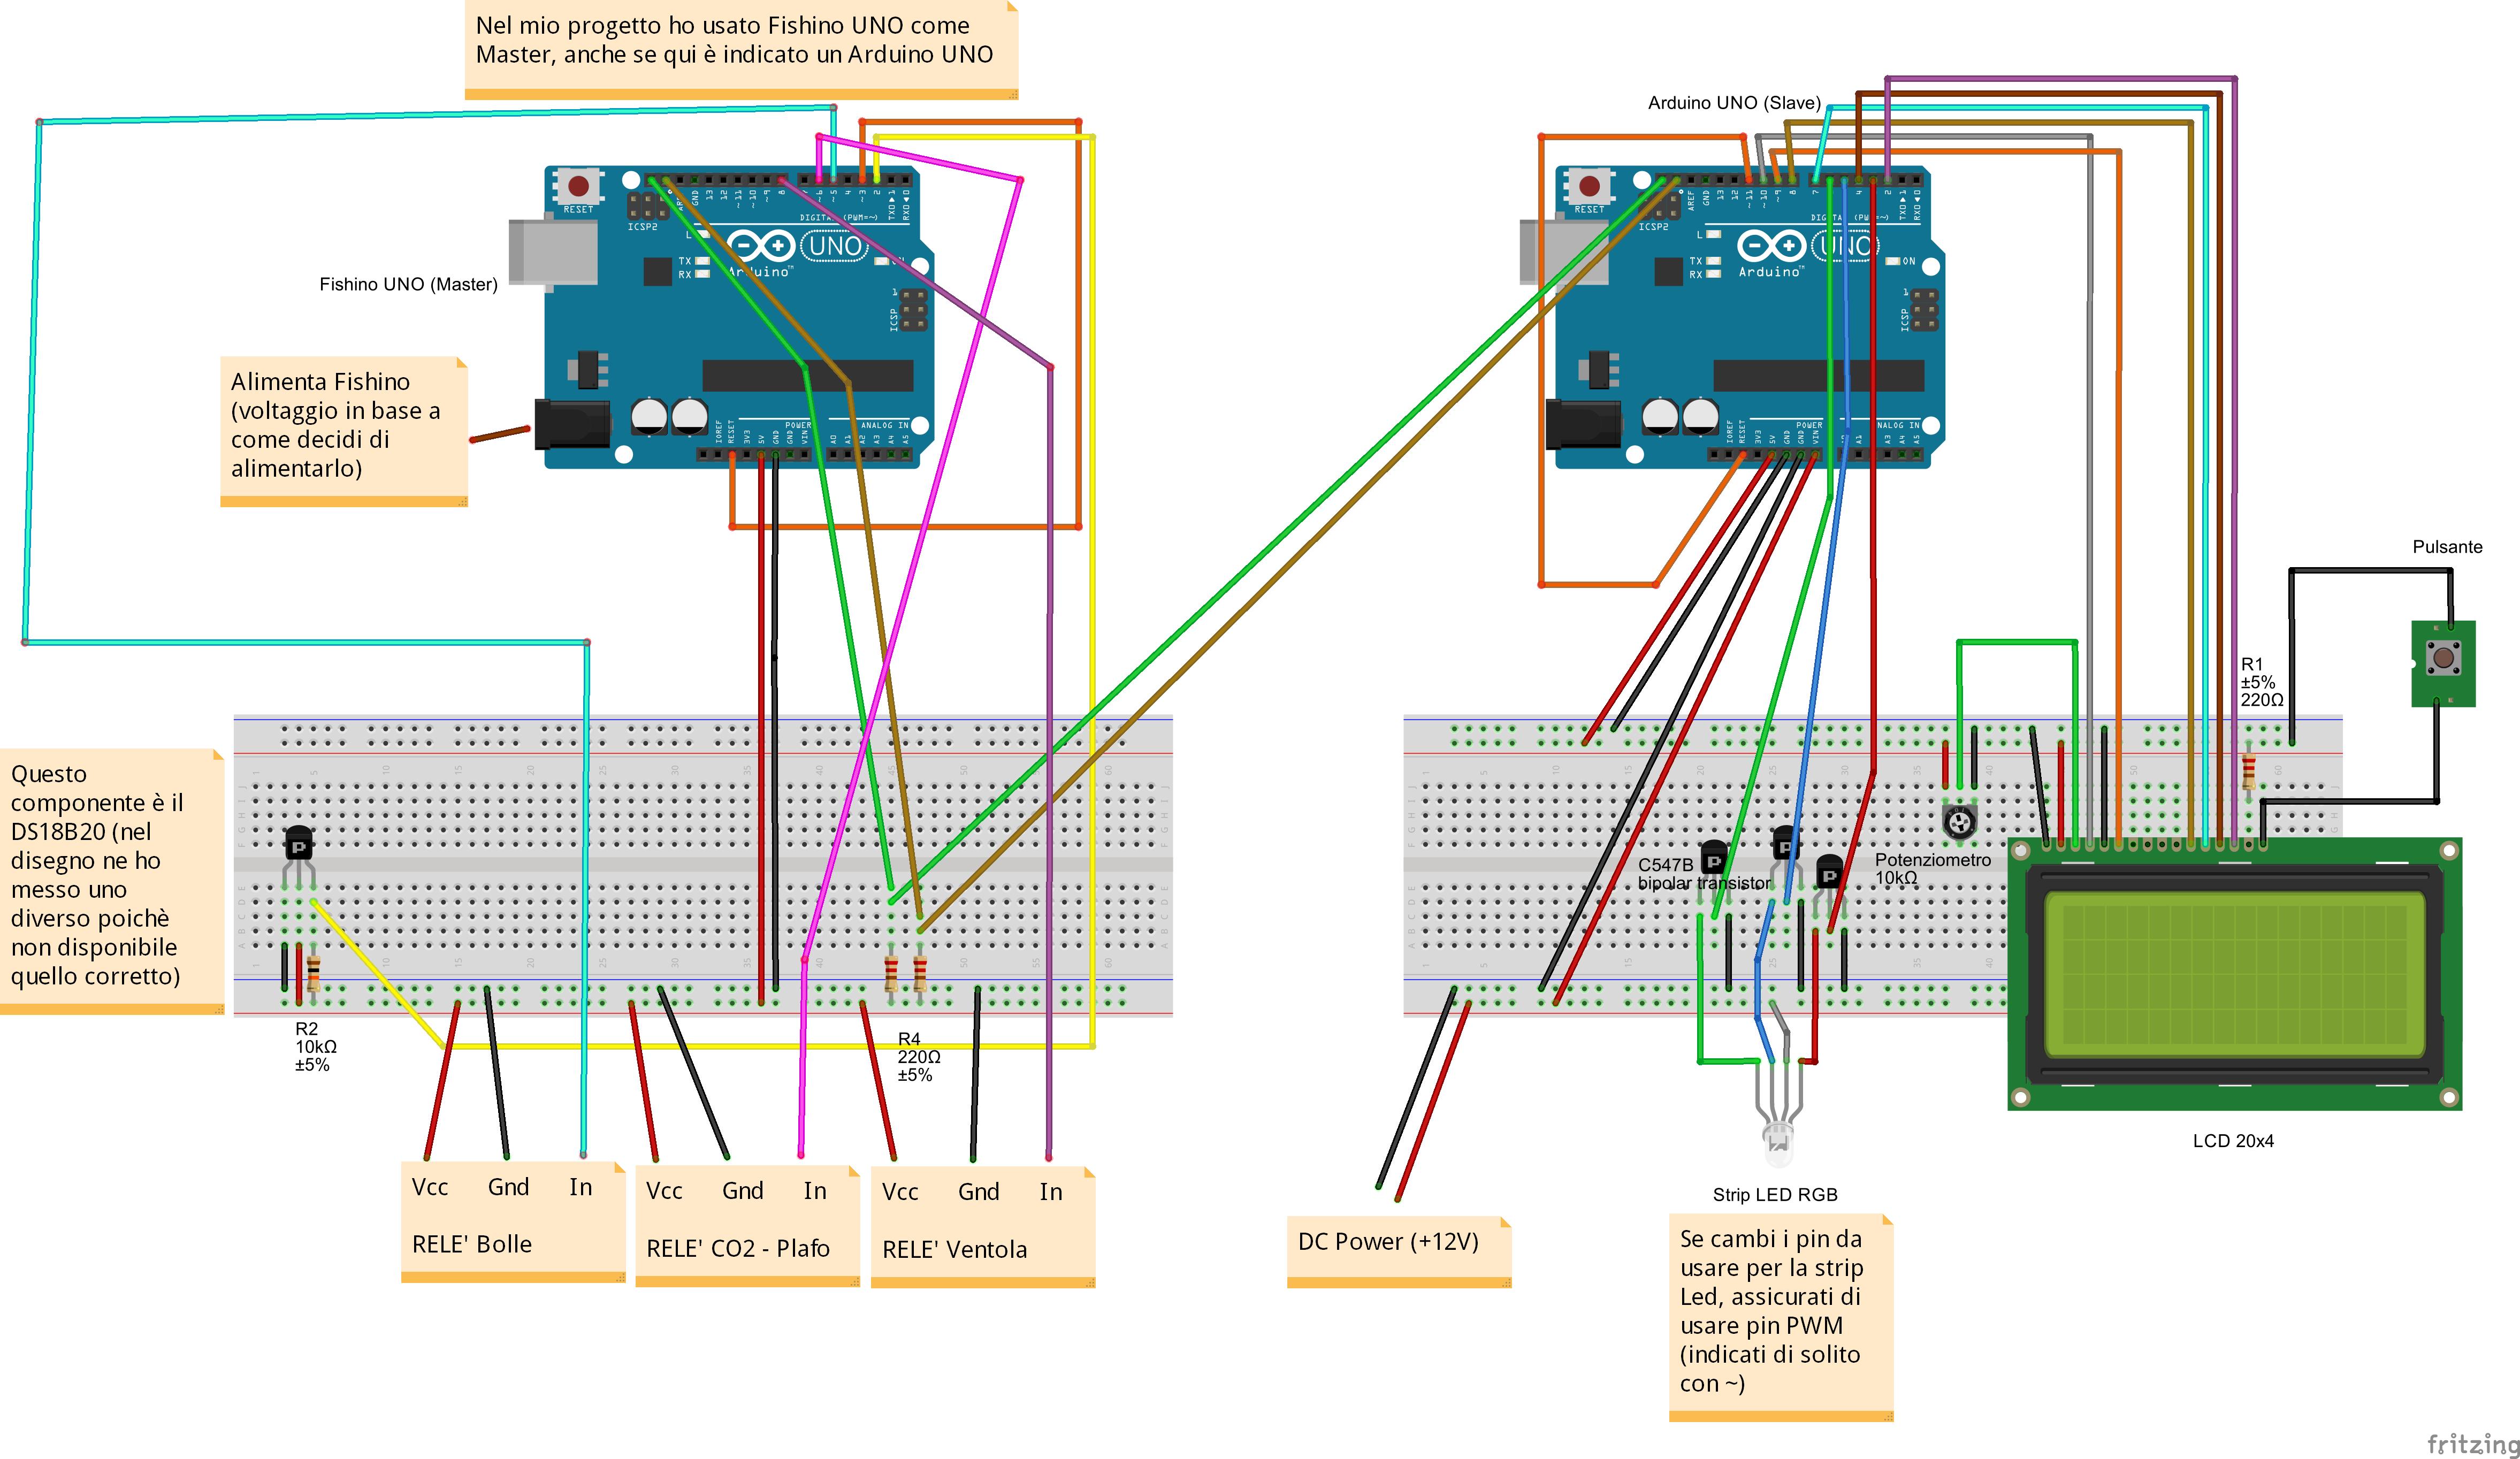 Circuito Uno Web : Acquario controllato da fishino arduino based simone